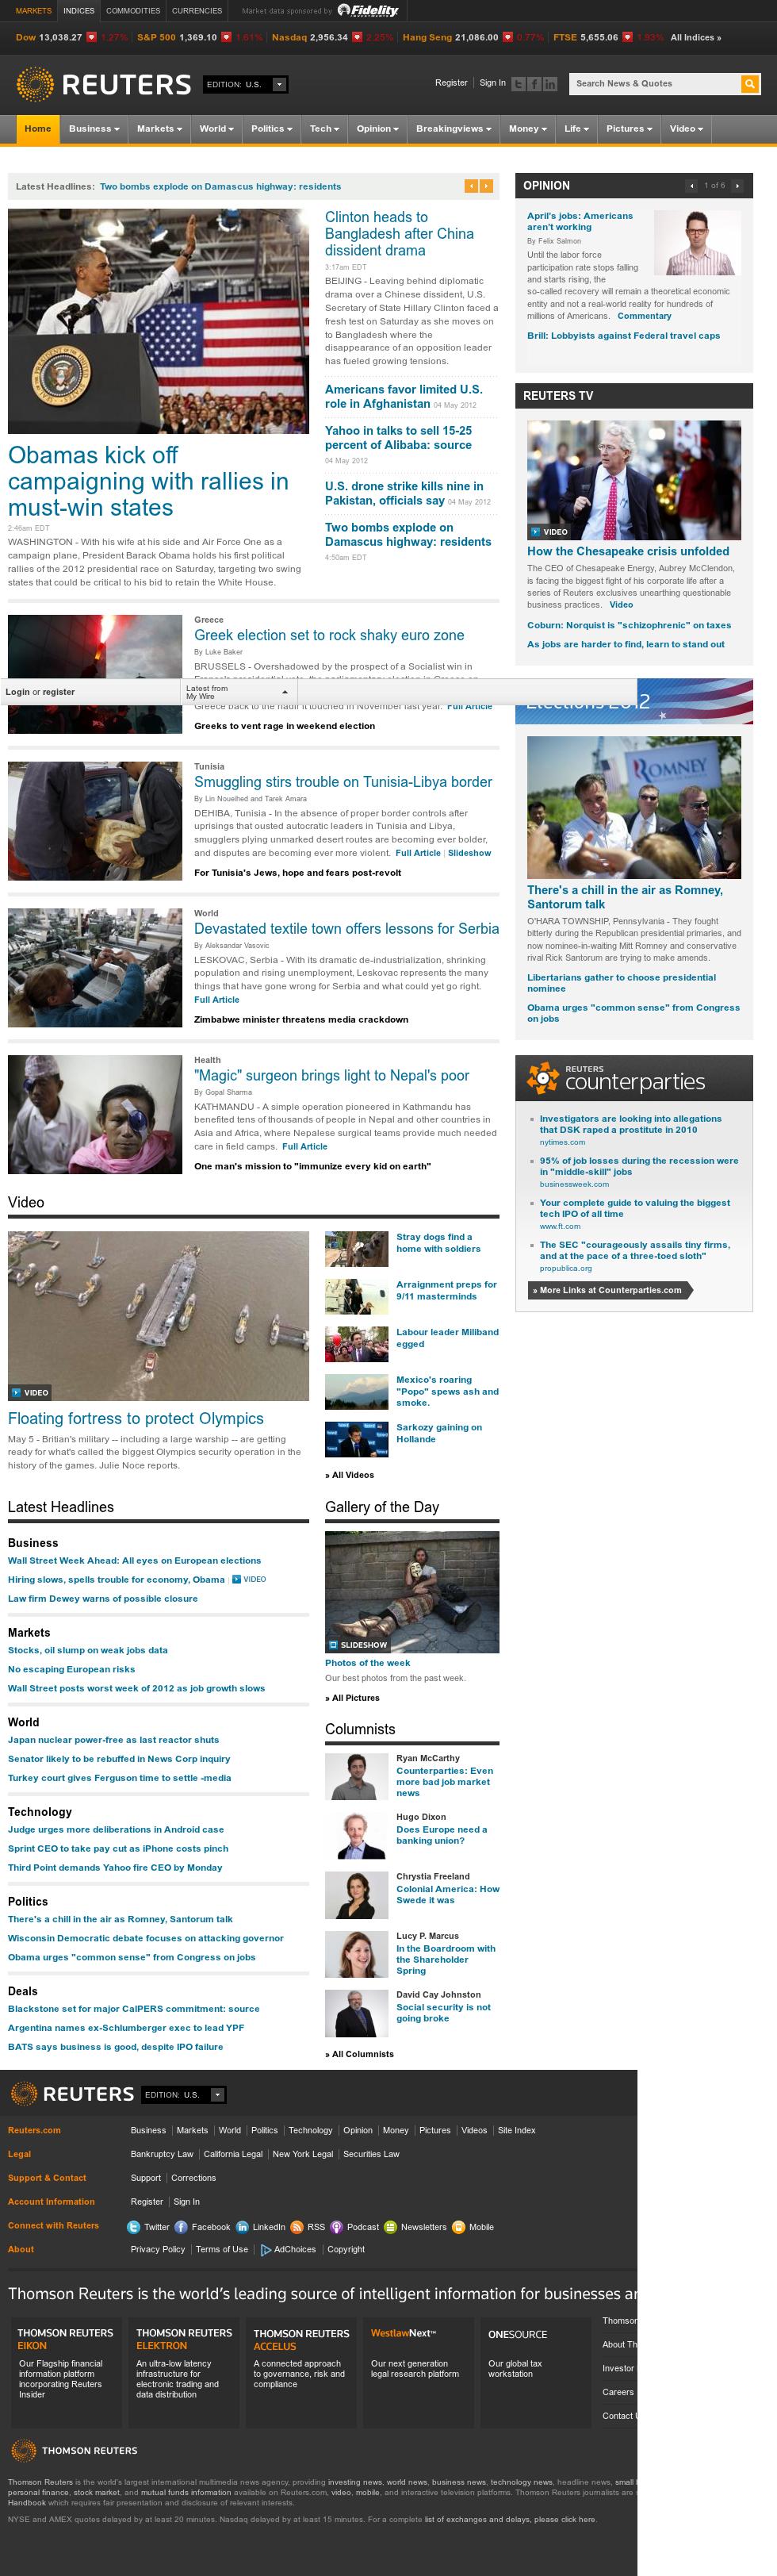 Reuters at Saturday May 5, 2012, 10:11 a.m. UTC